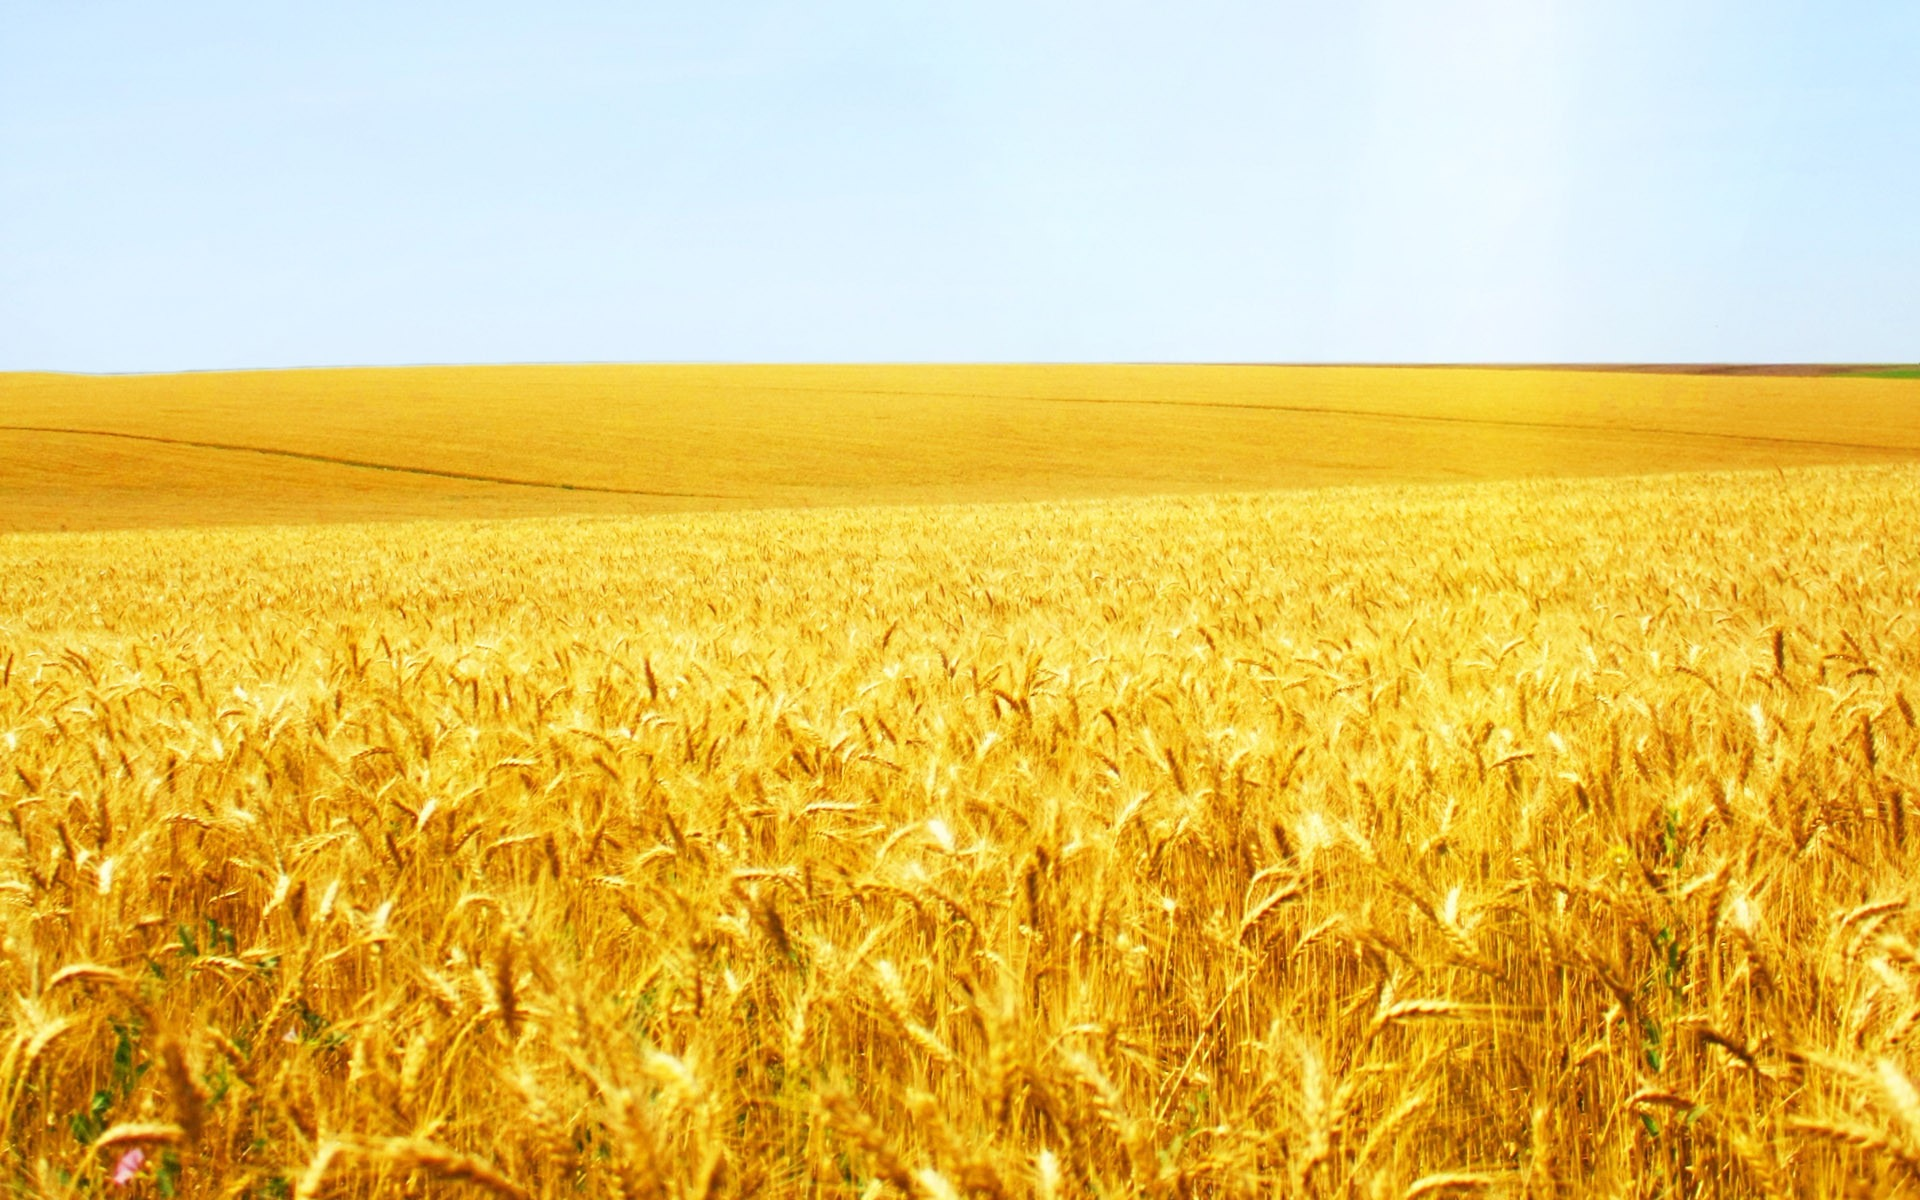 Agricultura românească se poate lăuda cu o producție excelentă în 2017 (Wikimedia Commons)